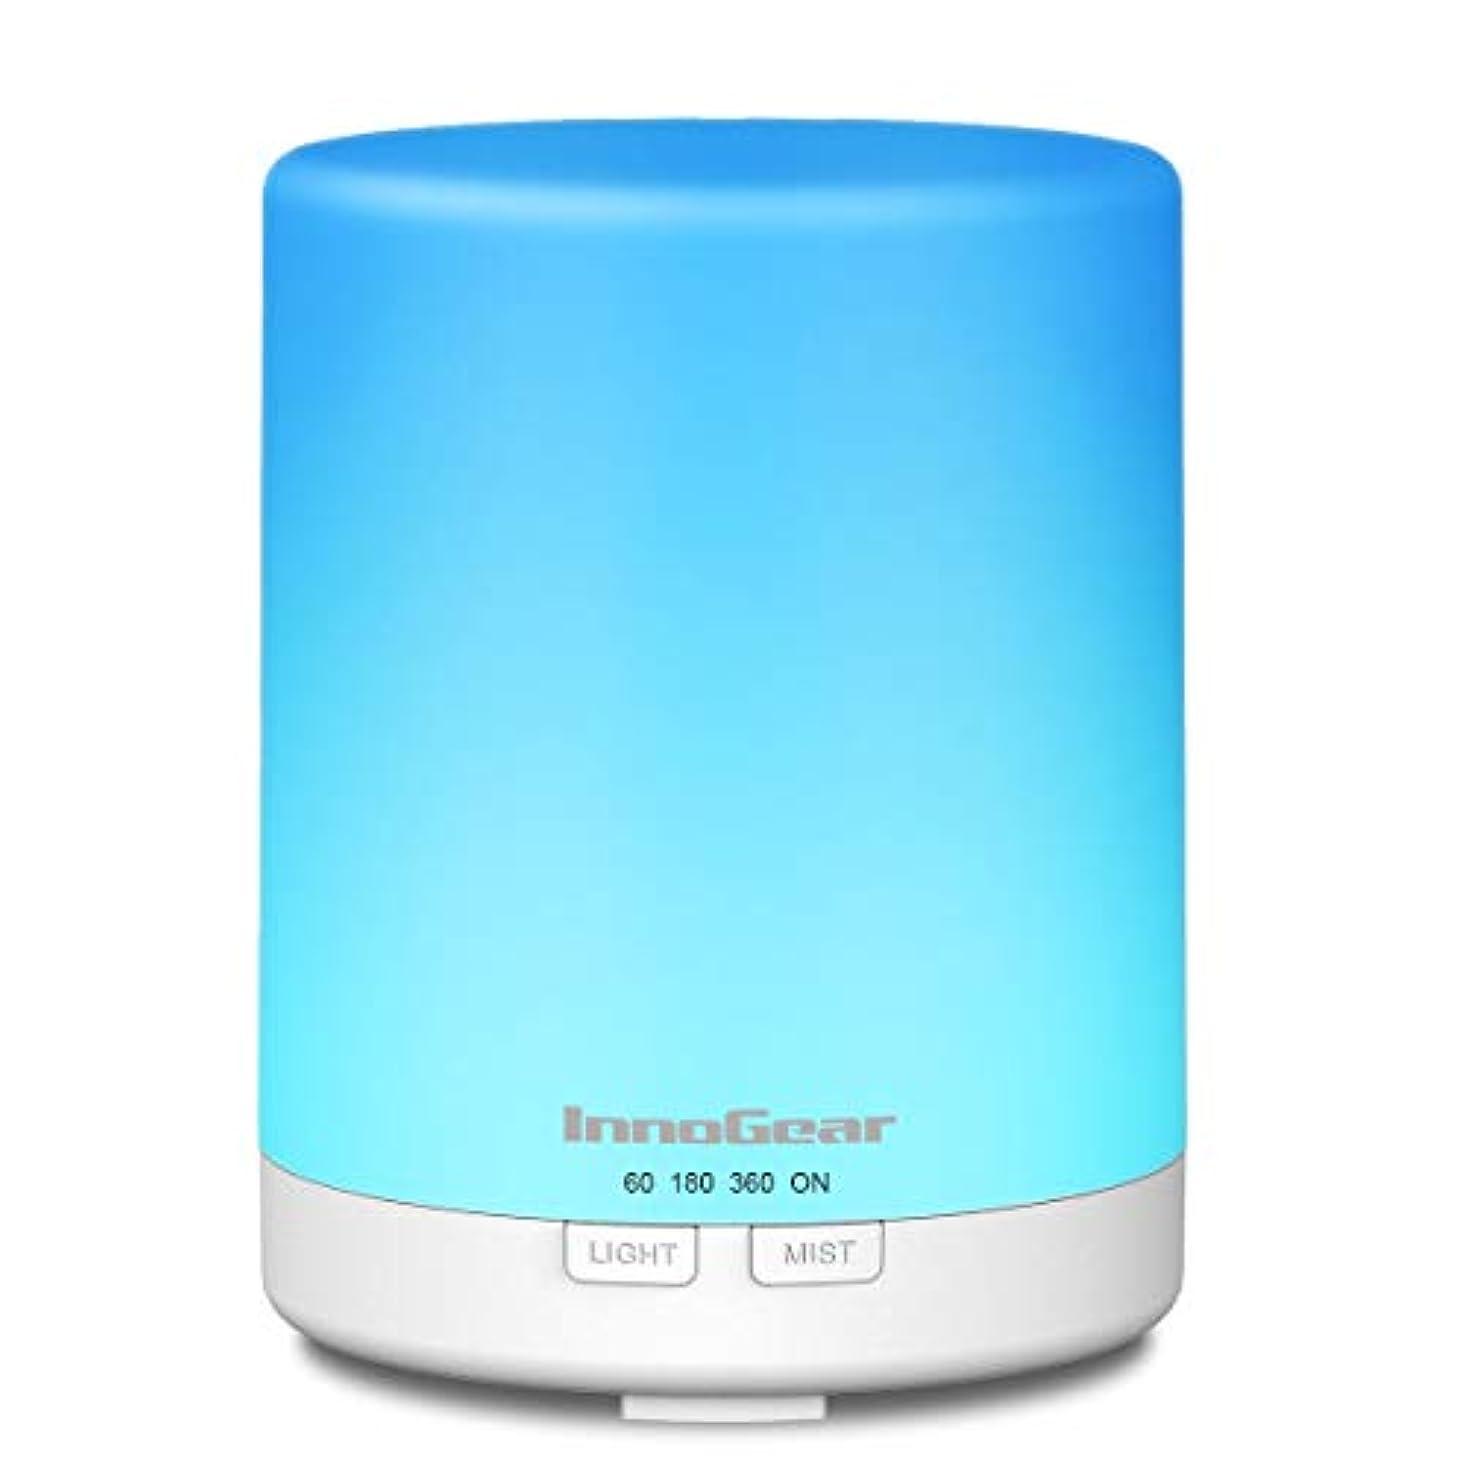 事差し引く今晩InnoGear 2 nd Generation 300 ml Aromatherapy Essential Oil Diffuserアロマクールミスト加湿器タイマーWaterless自動遮断と14色LEDナイトライトホームオフィス...